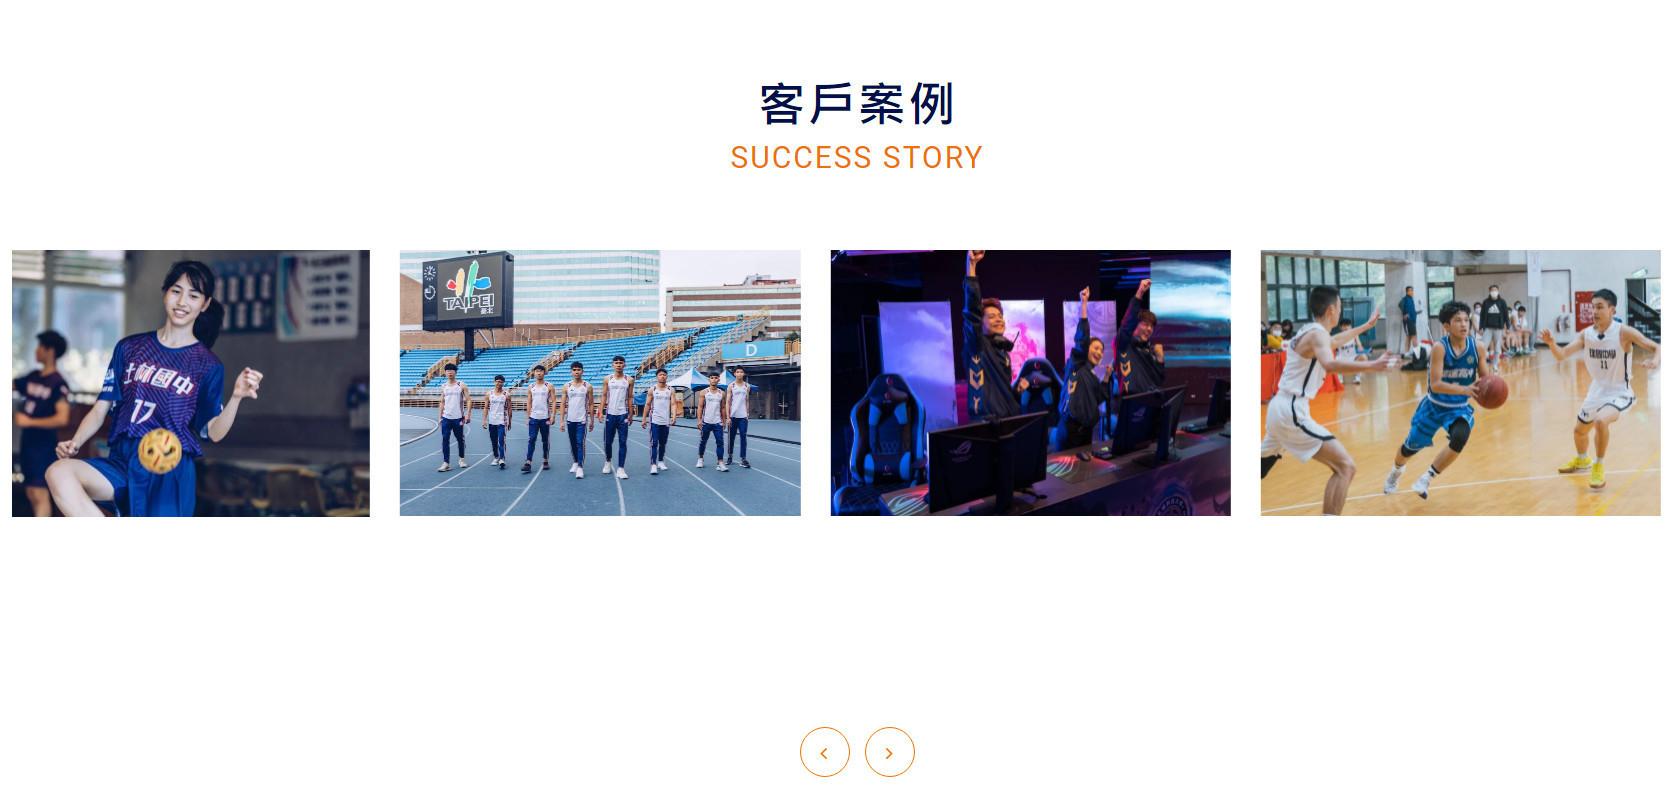 台北SEO網頁優化成功案例-眾星實業客戶案例輪播|鯊客科技SEO優化網站設計成功案例